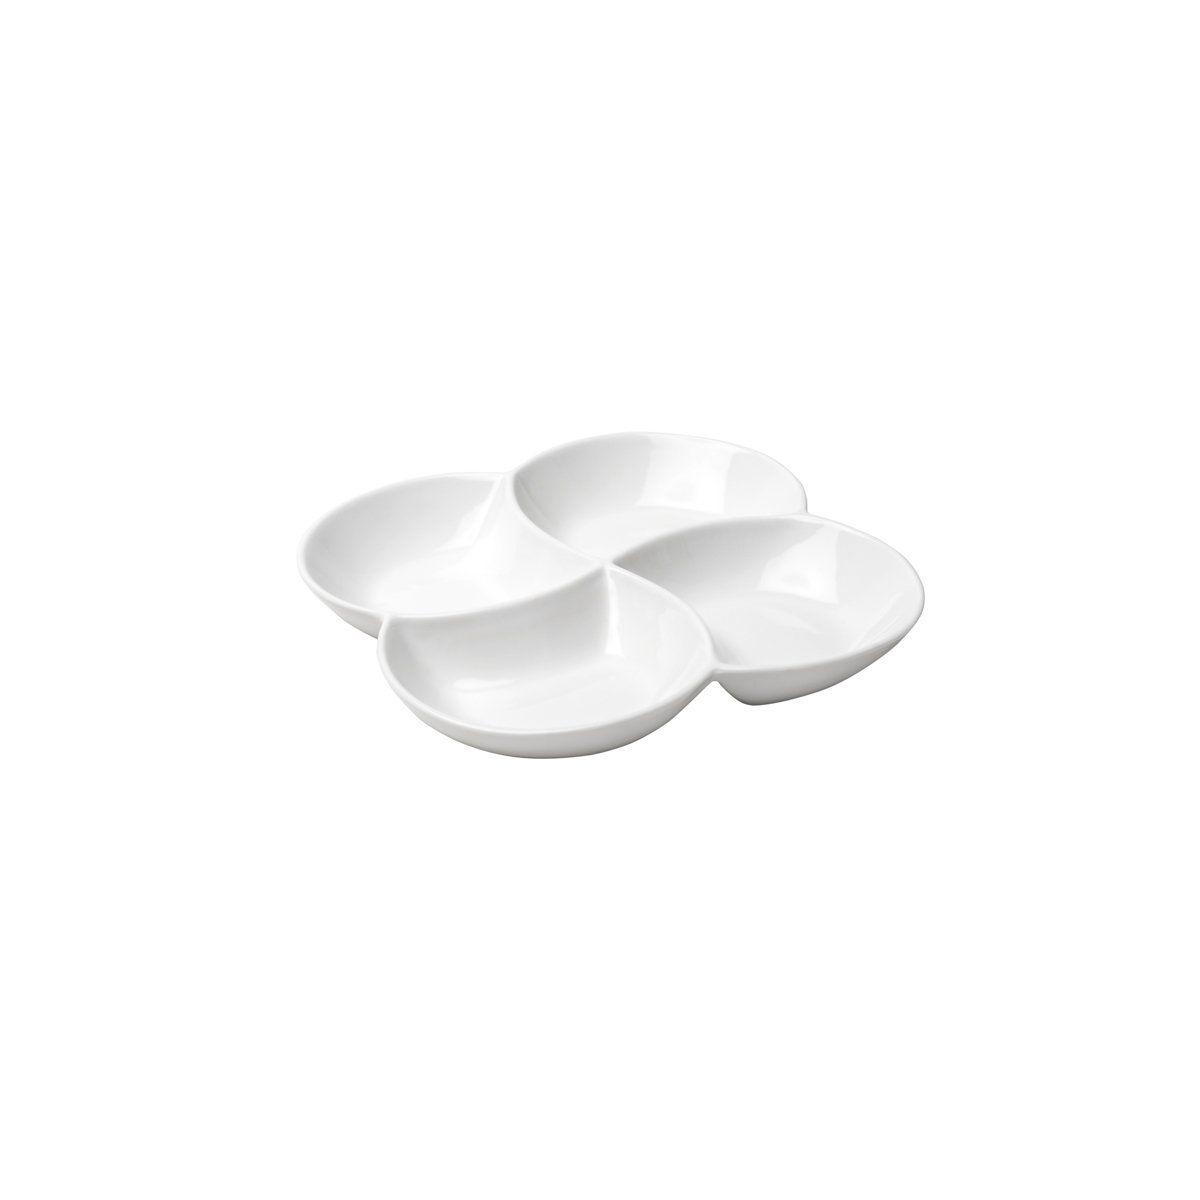 Petisqueira 20 cm de porcelana branca King Bon Gourmet - 26419